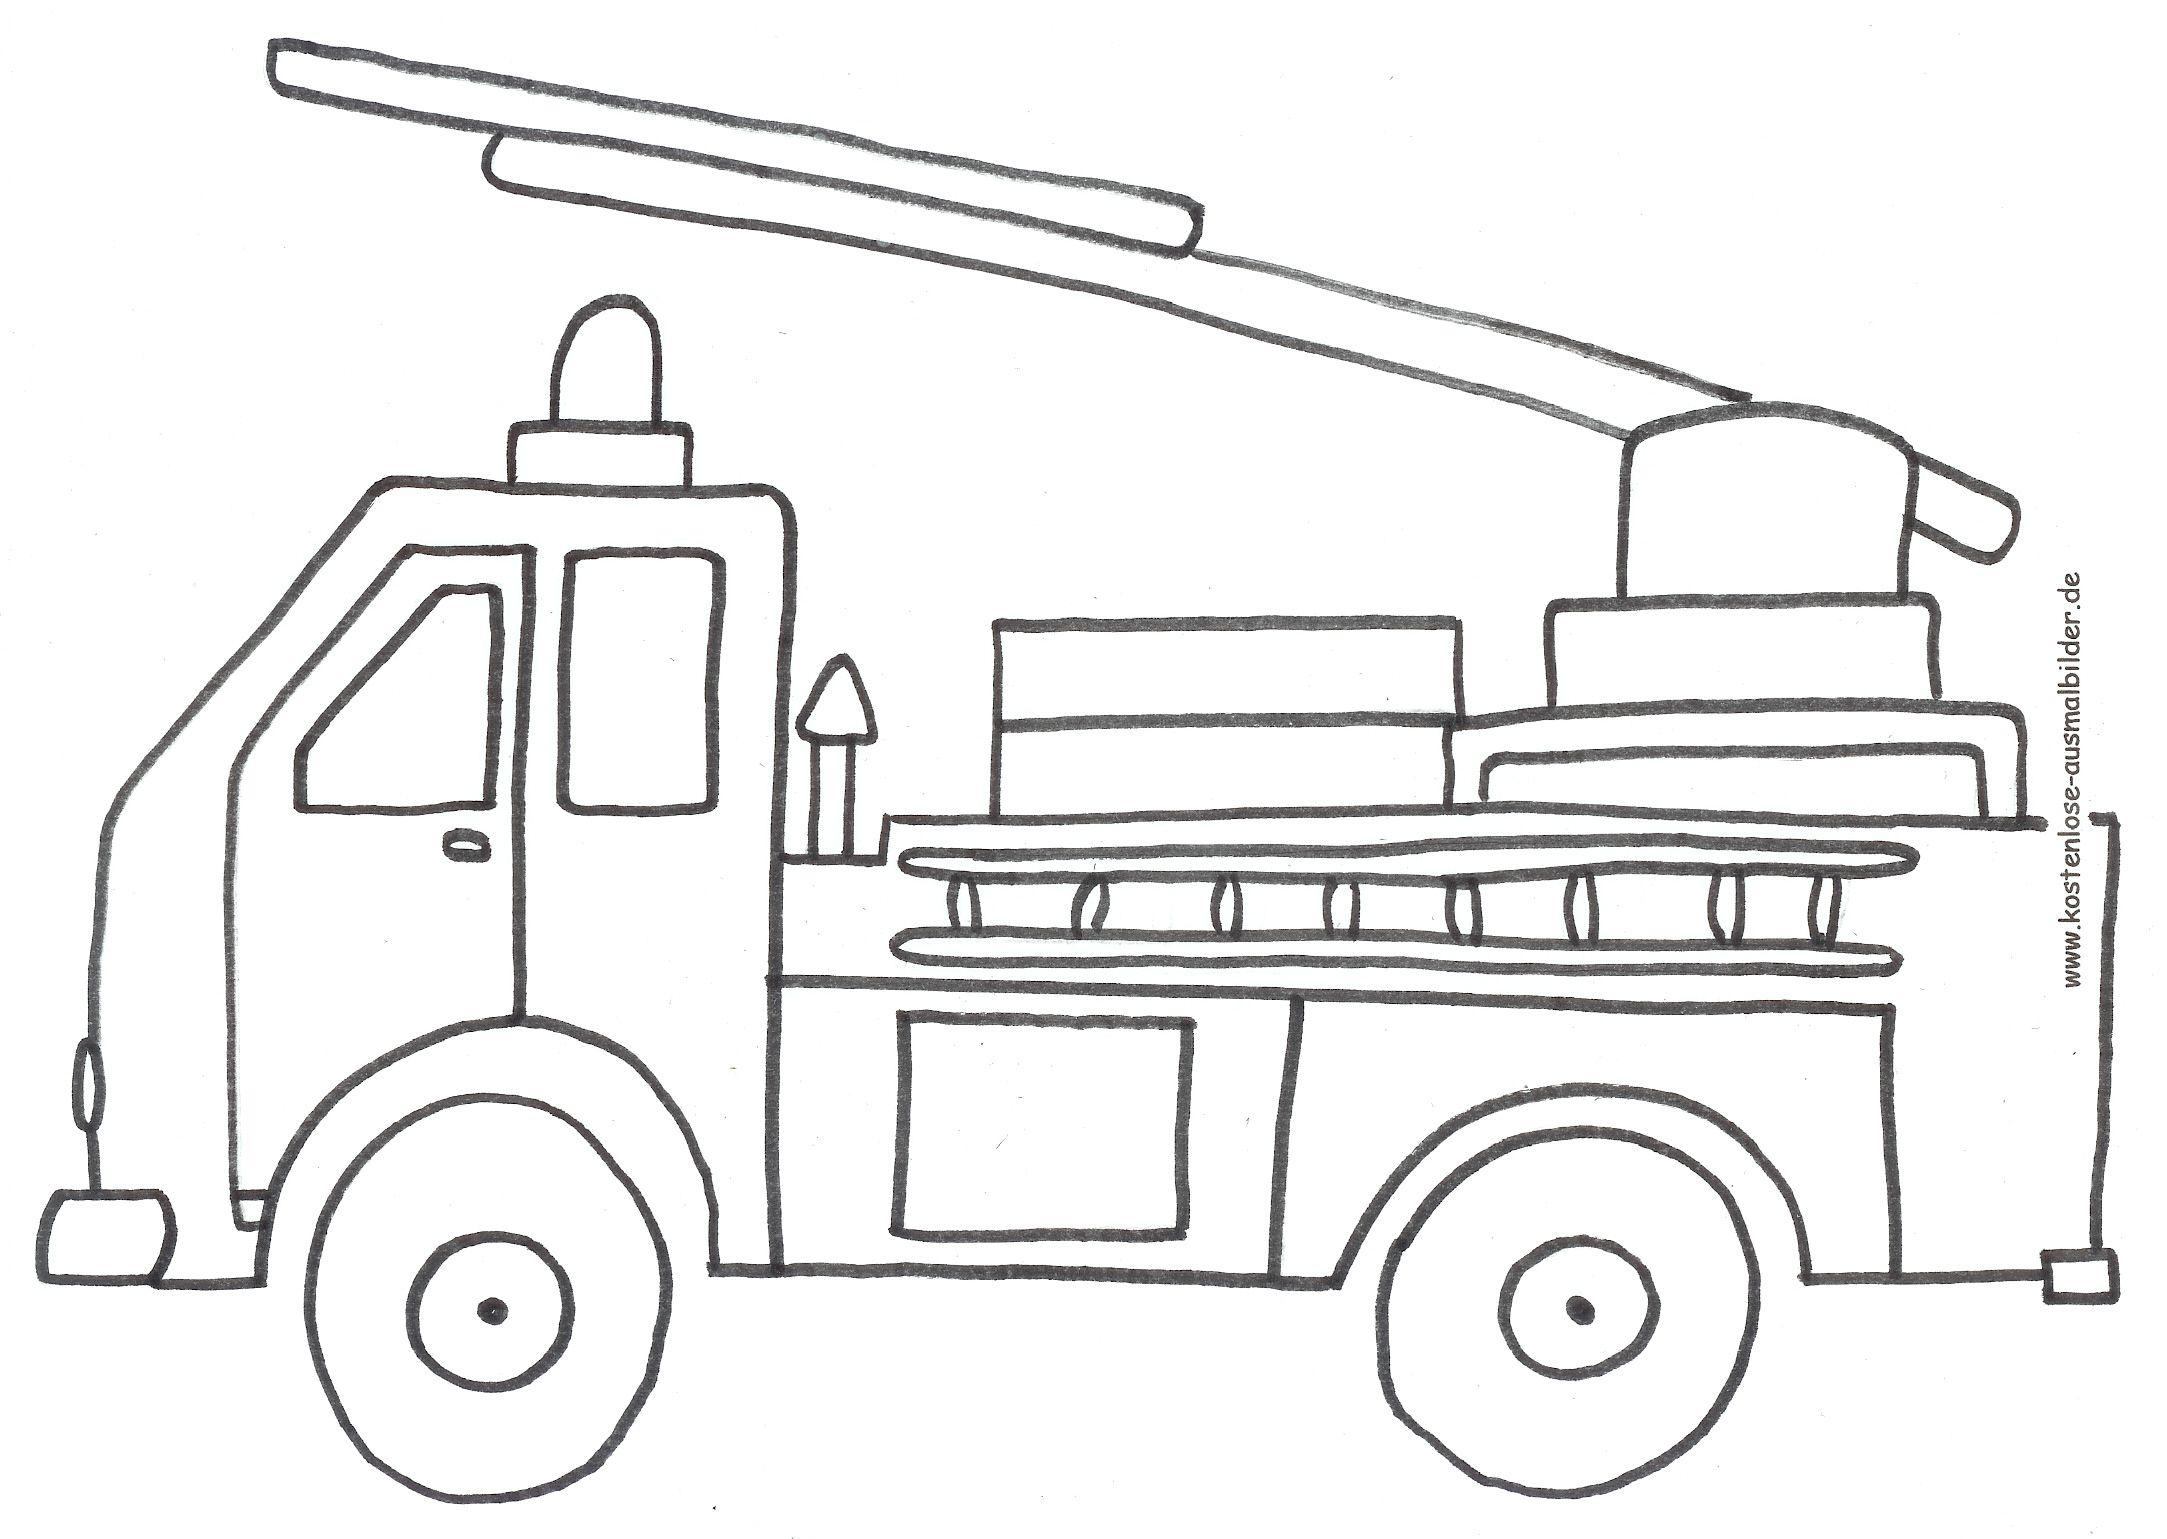 Ausmalbilder Feuerwehr Ausdrucken : Ausmalen Feuerwehr 04 Vatrogasac Pinterest Pre School And Free